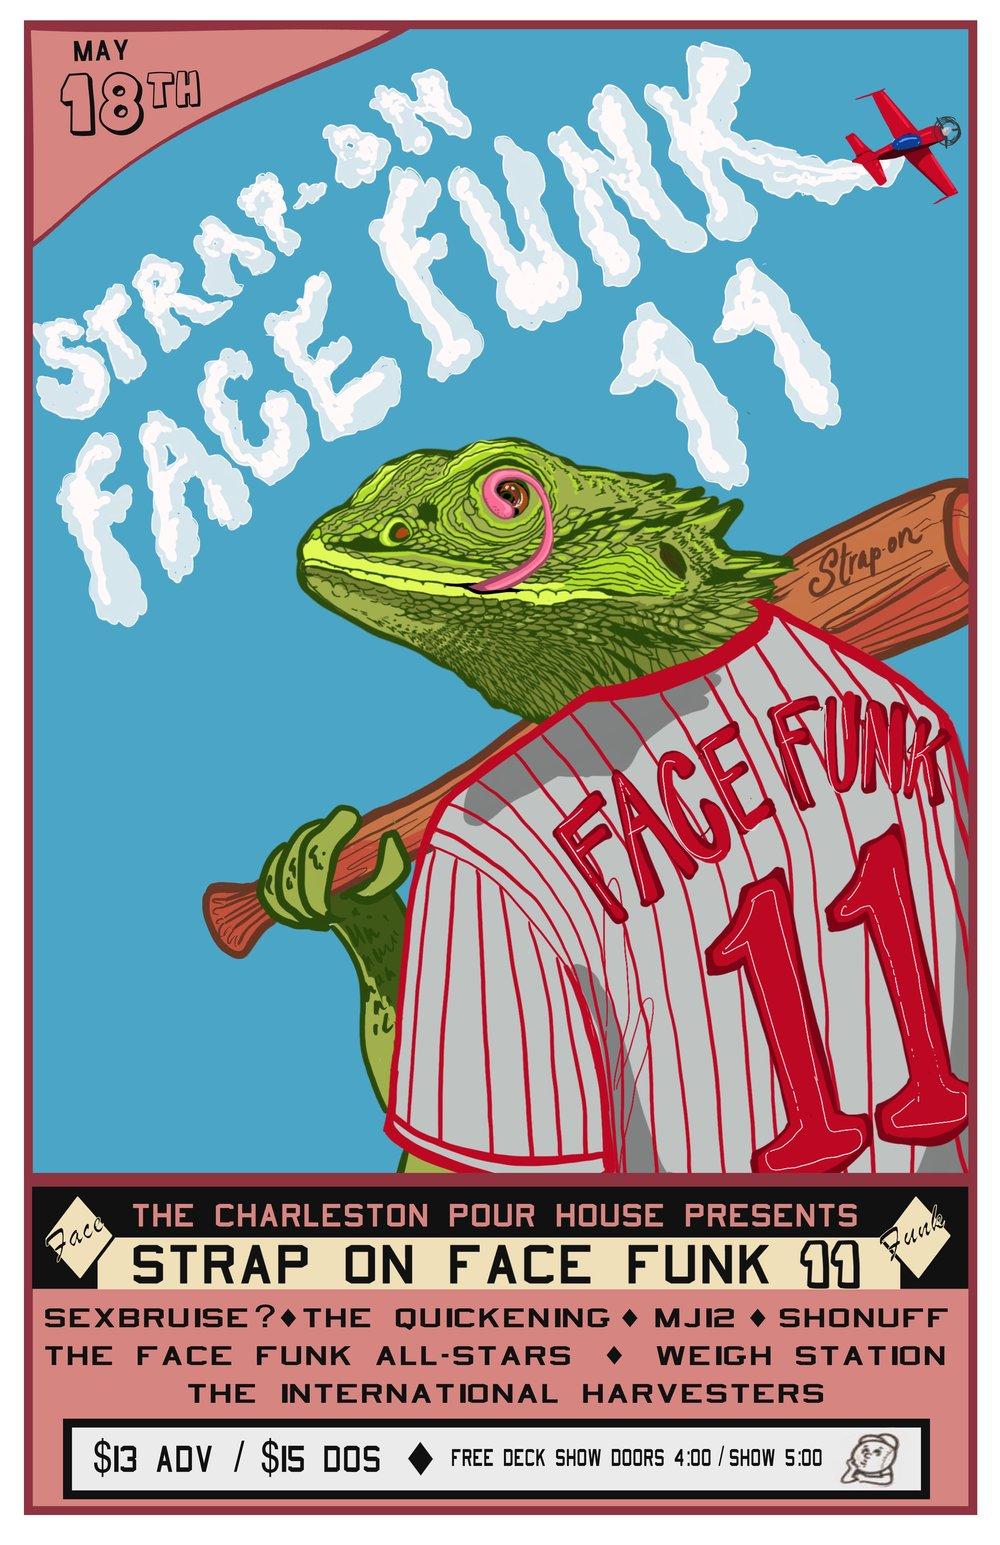 Facefunk11.jpg